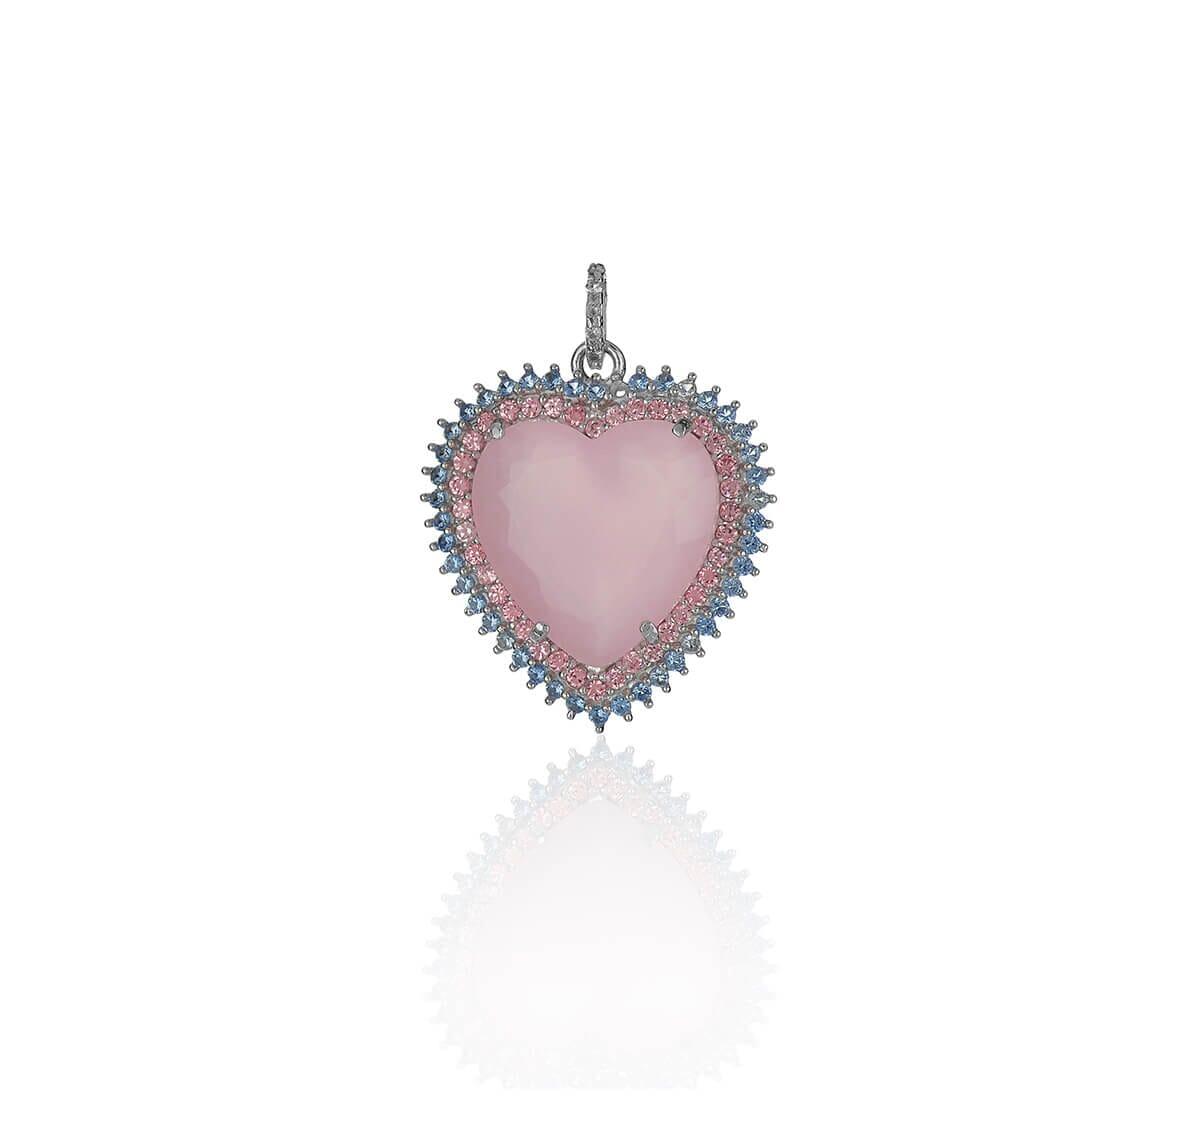 Pingente Prata de coração rosa cravejado com zircônia rosa e azul